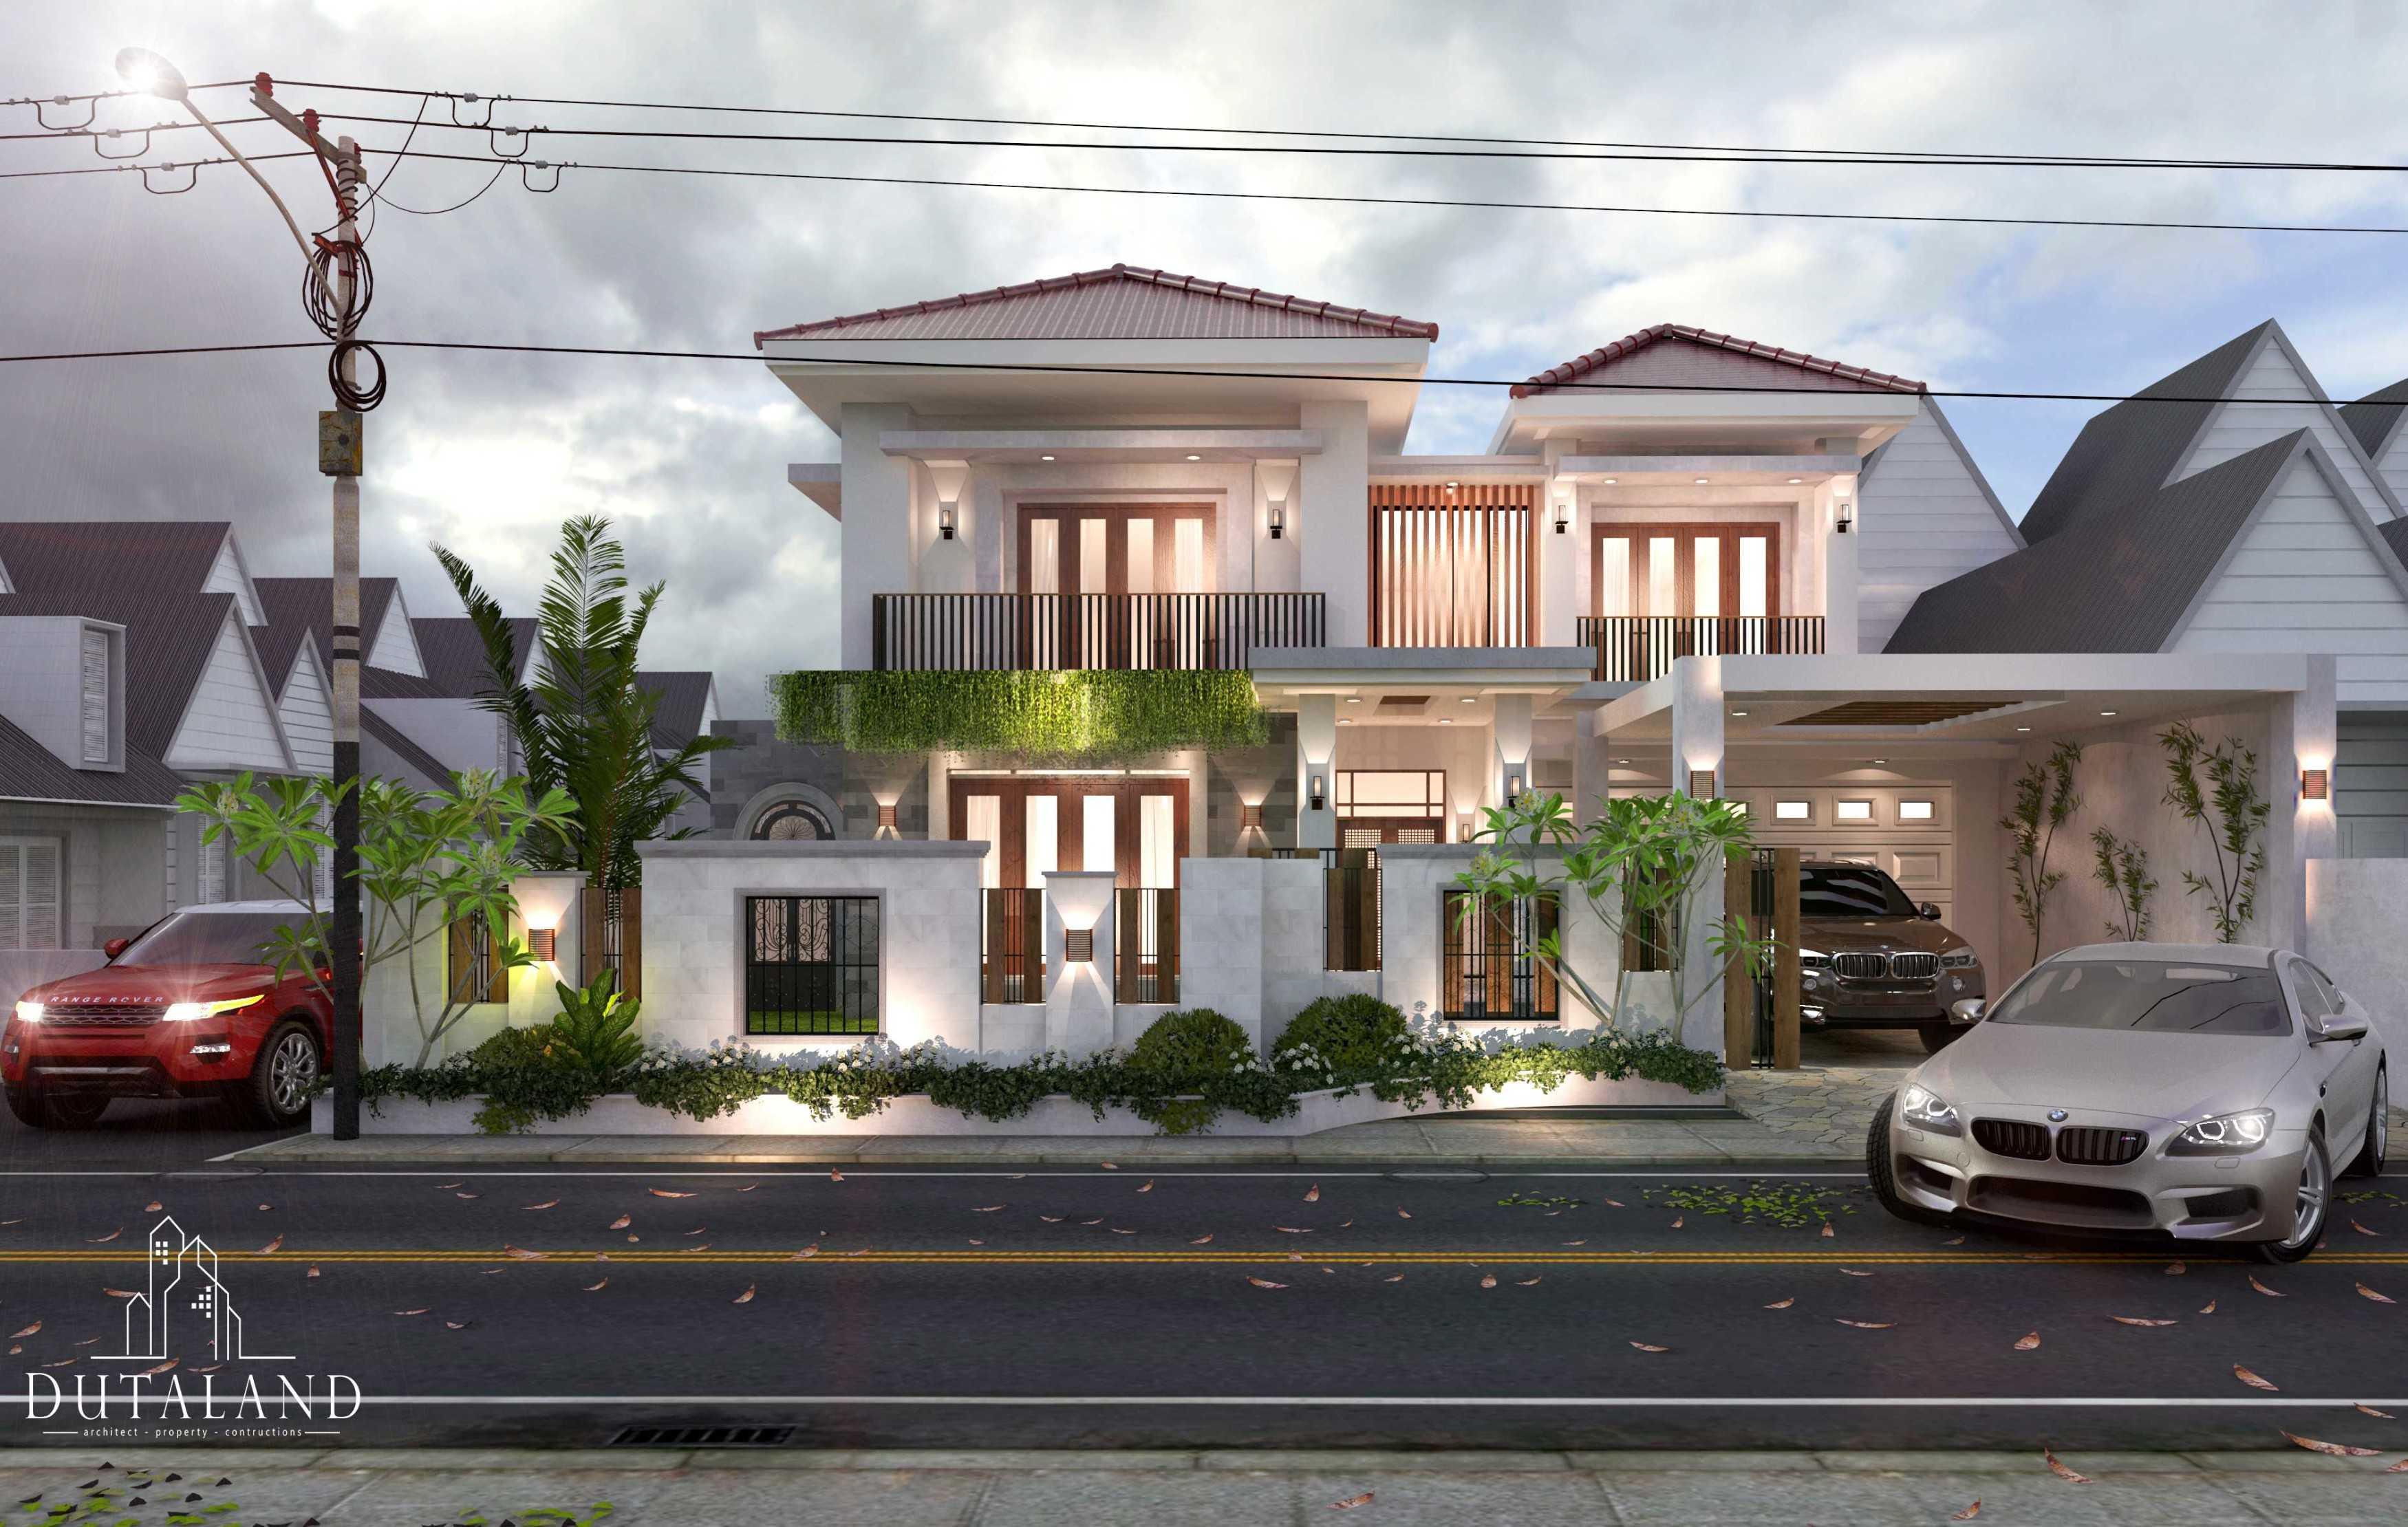 Dutaland House In Murni Medan, Kota Medan, Sumatera Utara, Indonesia Medan, Kota Medan, Sumatera Utara, Indonesia Front View Tropical  40724